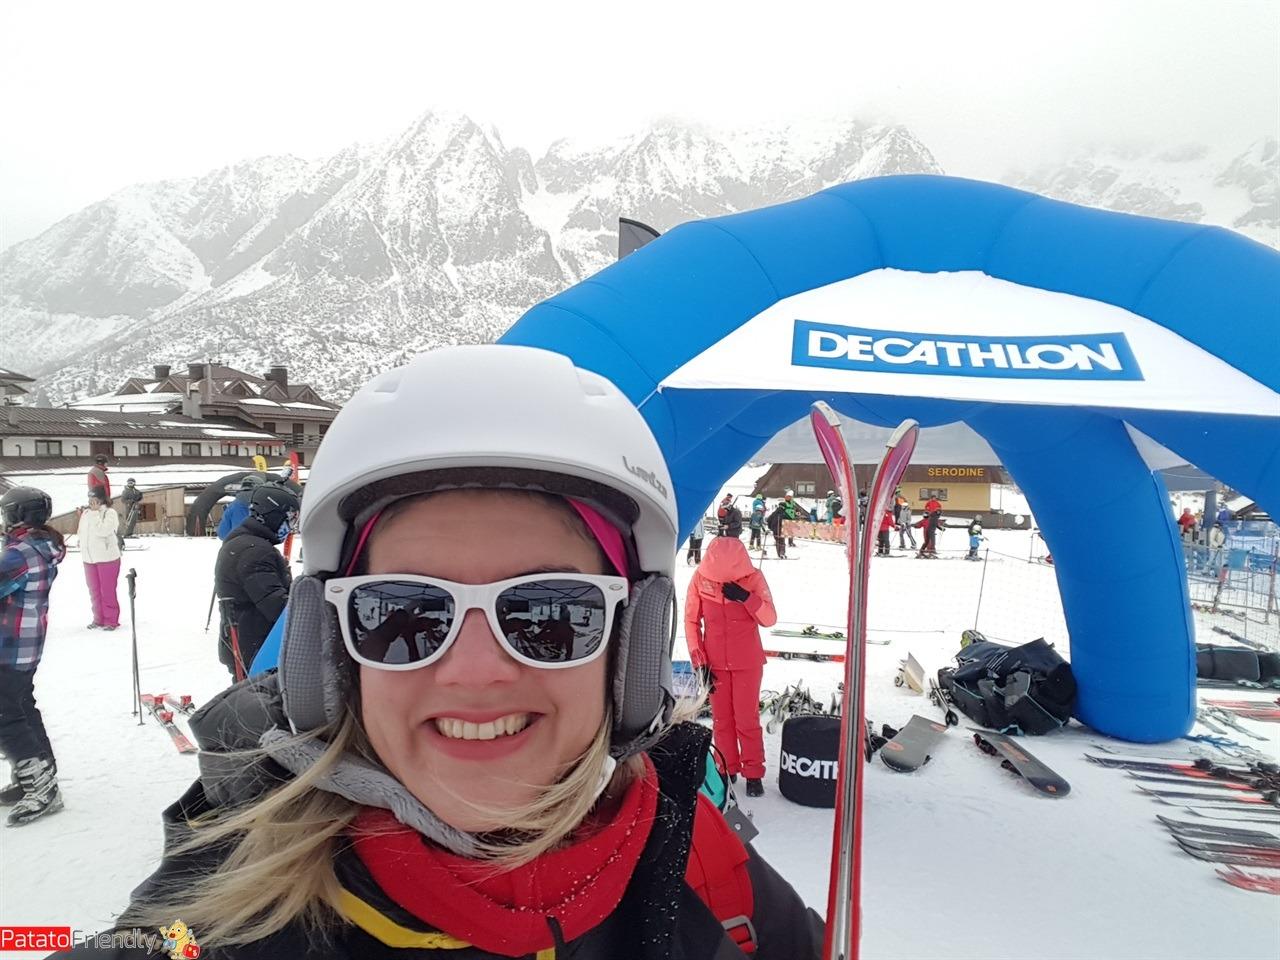 Decathlon SkiDays - Il padiglione Decathlon per provare gli sci